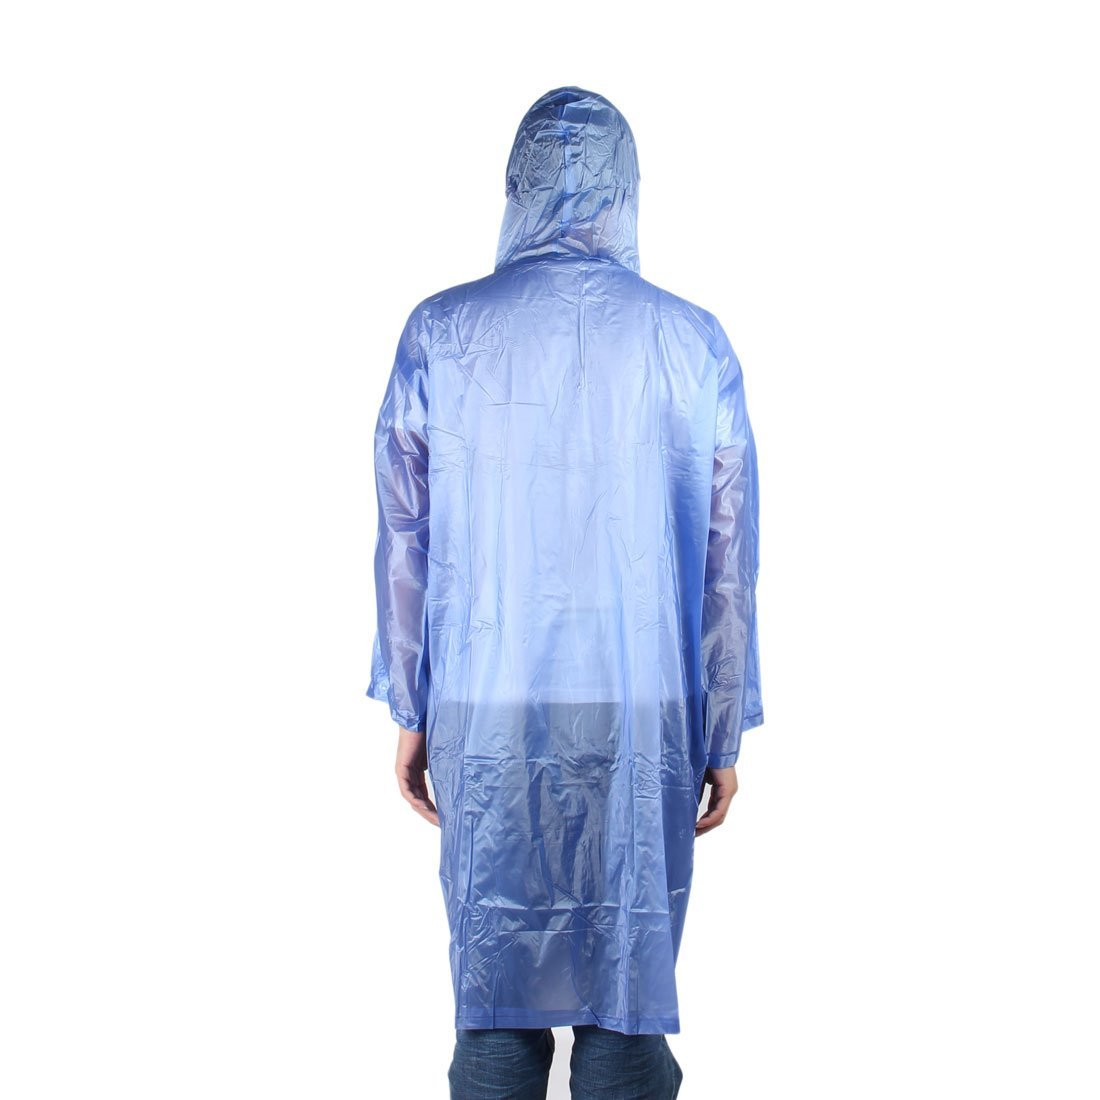 Amazon.com: eDealMax PVC al aire Libre Unisex resistente al agua Lluvia del impermeable capa de la Chaqueta Azul del Poncho: Home & Kitchen